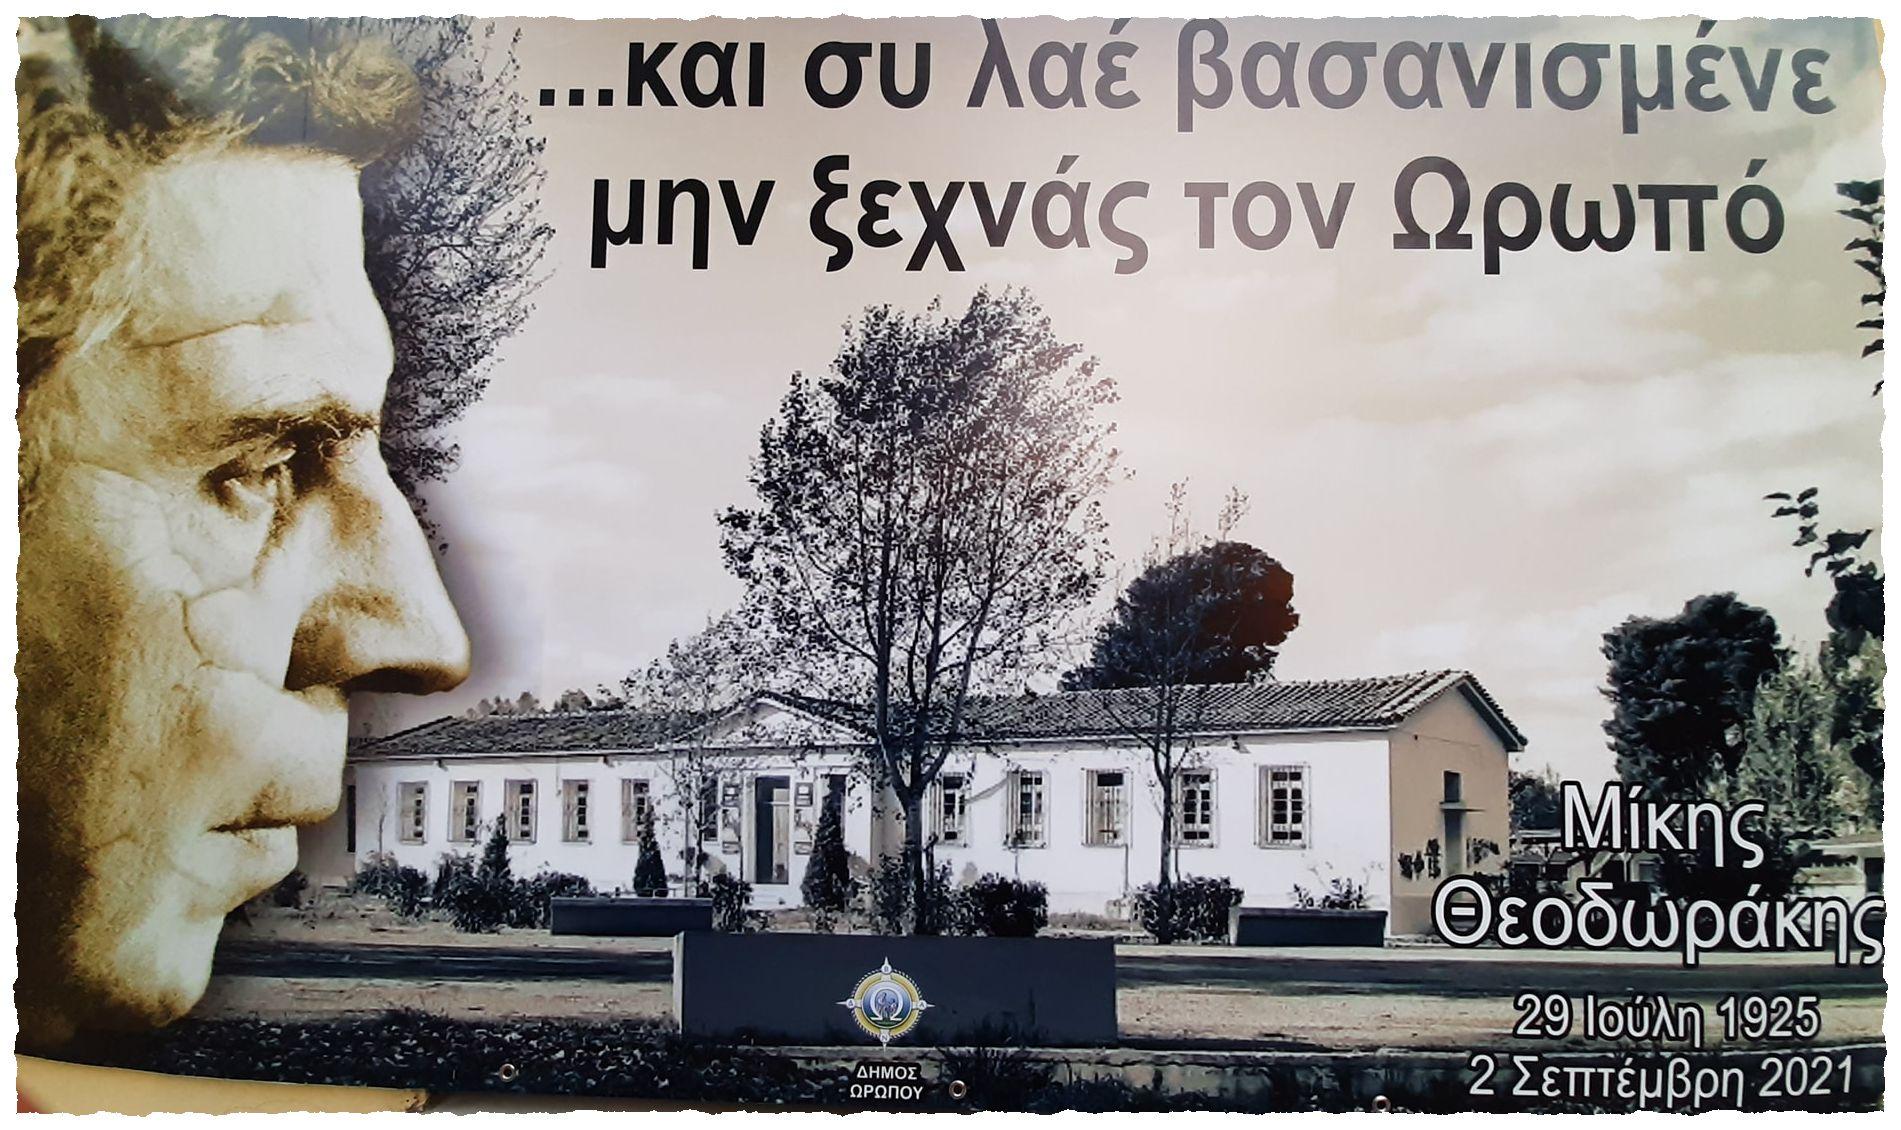 Φυλακές Ωρωπού. Αποχαιρετιστήριο κονσέρτο μέσα στο ιστορικό κελί όπου η χούντα φυλάκισε τον Μίκη Θεοδωράκη